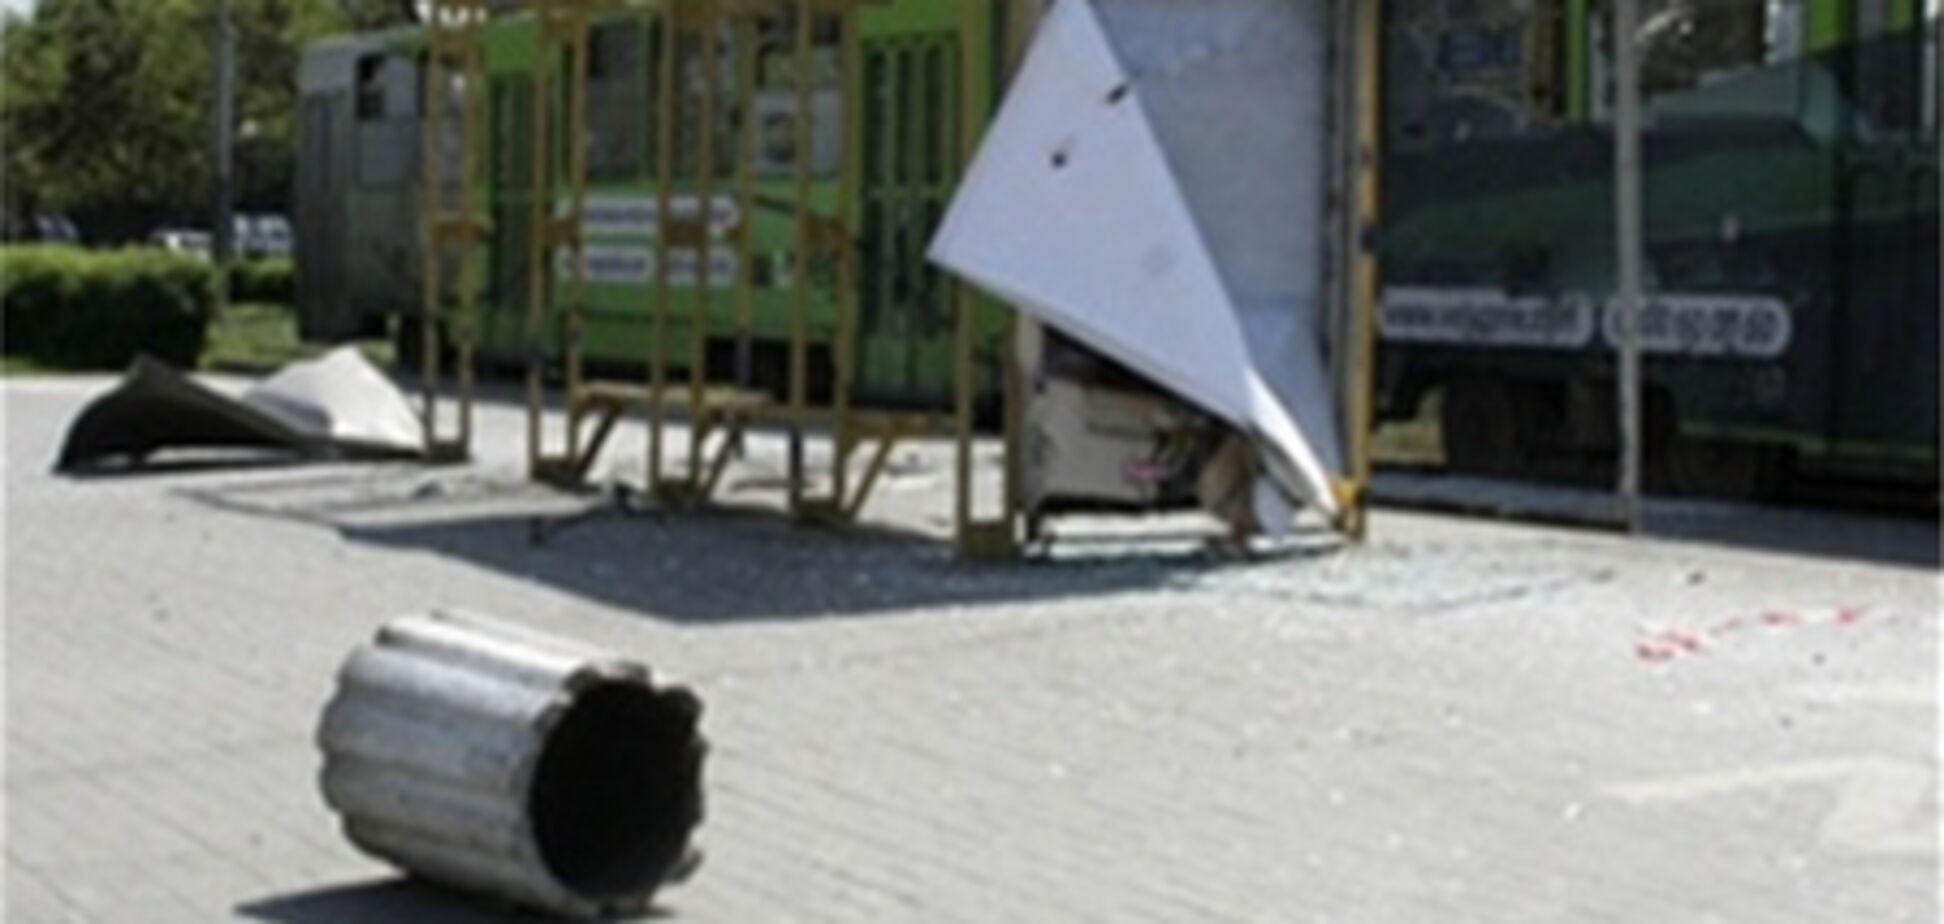 14 пострадавших от взрывов в Днепропетровске пока остаются в больницах